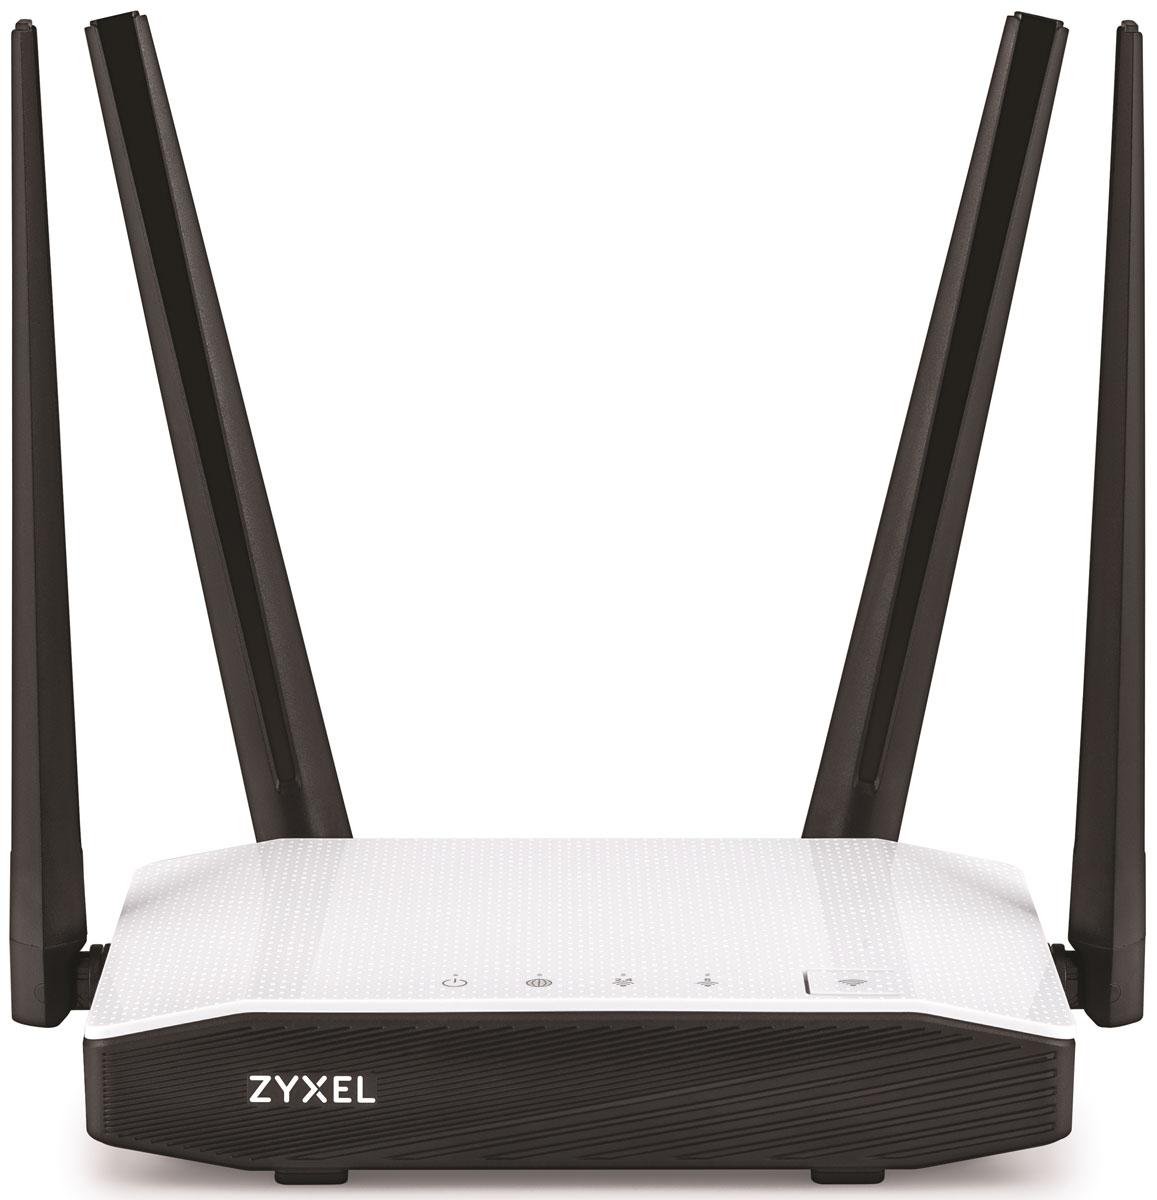 Zyxel Keenetic Air интернет-центрKEENETIC AIRИнтернет-центр Zyxel Keenetic Air для выделенной линии Ethernet с точкой доступа Wi-Fi AC1200 и переключателем режимов работы. Keenetic Air предназначен прежде всего для надежного полнофункционального подключения вашего дома к Интернету по выделенной линии Ethernet через провайдеров, использующих любые типы подключения: IPoE, PPPoE, PPTP, L2TP, 802.1X, VLAN 802.1Q, IPv4/IPv6. При этом он дает полную скорость по тарифам до 100 Мбит/с независимо от вида подключения и характера нагрузки. С тем же успехом возможно подключение к Интернету через предоставленный провайдером PON-терминал или модем с портом Ethernet, а также через операторский или частный хот-спот Wi-Fi. Иногда вам может потребоваться подключить существующую домашнюю сеть к Интернету, предоставляемому по Wi-Fi. Это может быть провайдерский хот-спот Wi-Fi, сеть Wi-Fi вашего соседа, открытая сеть какого-то кафе находящегося поблизости или резервное подключение к мобильной точке...